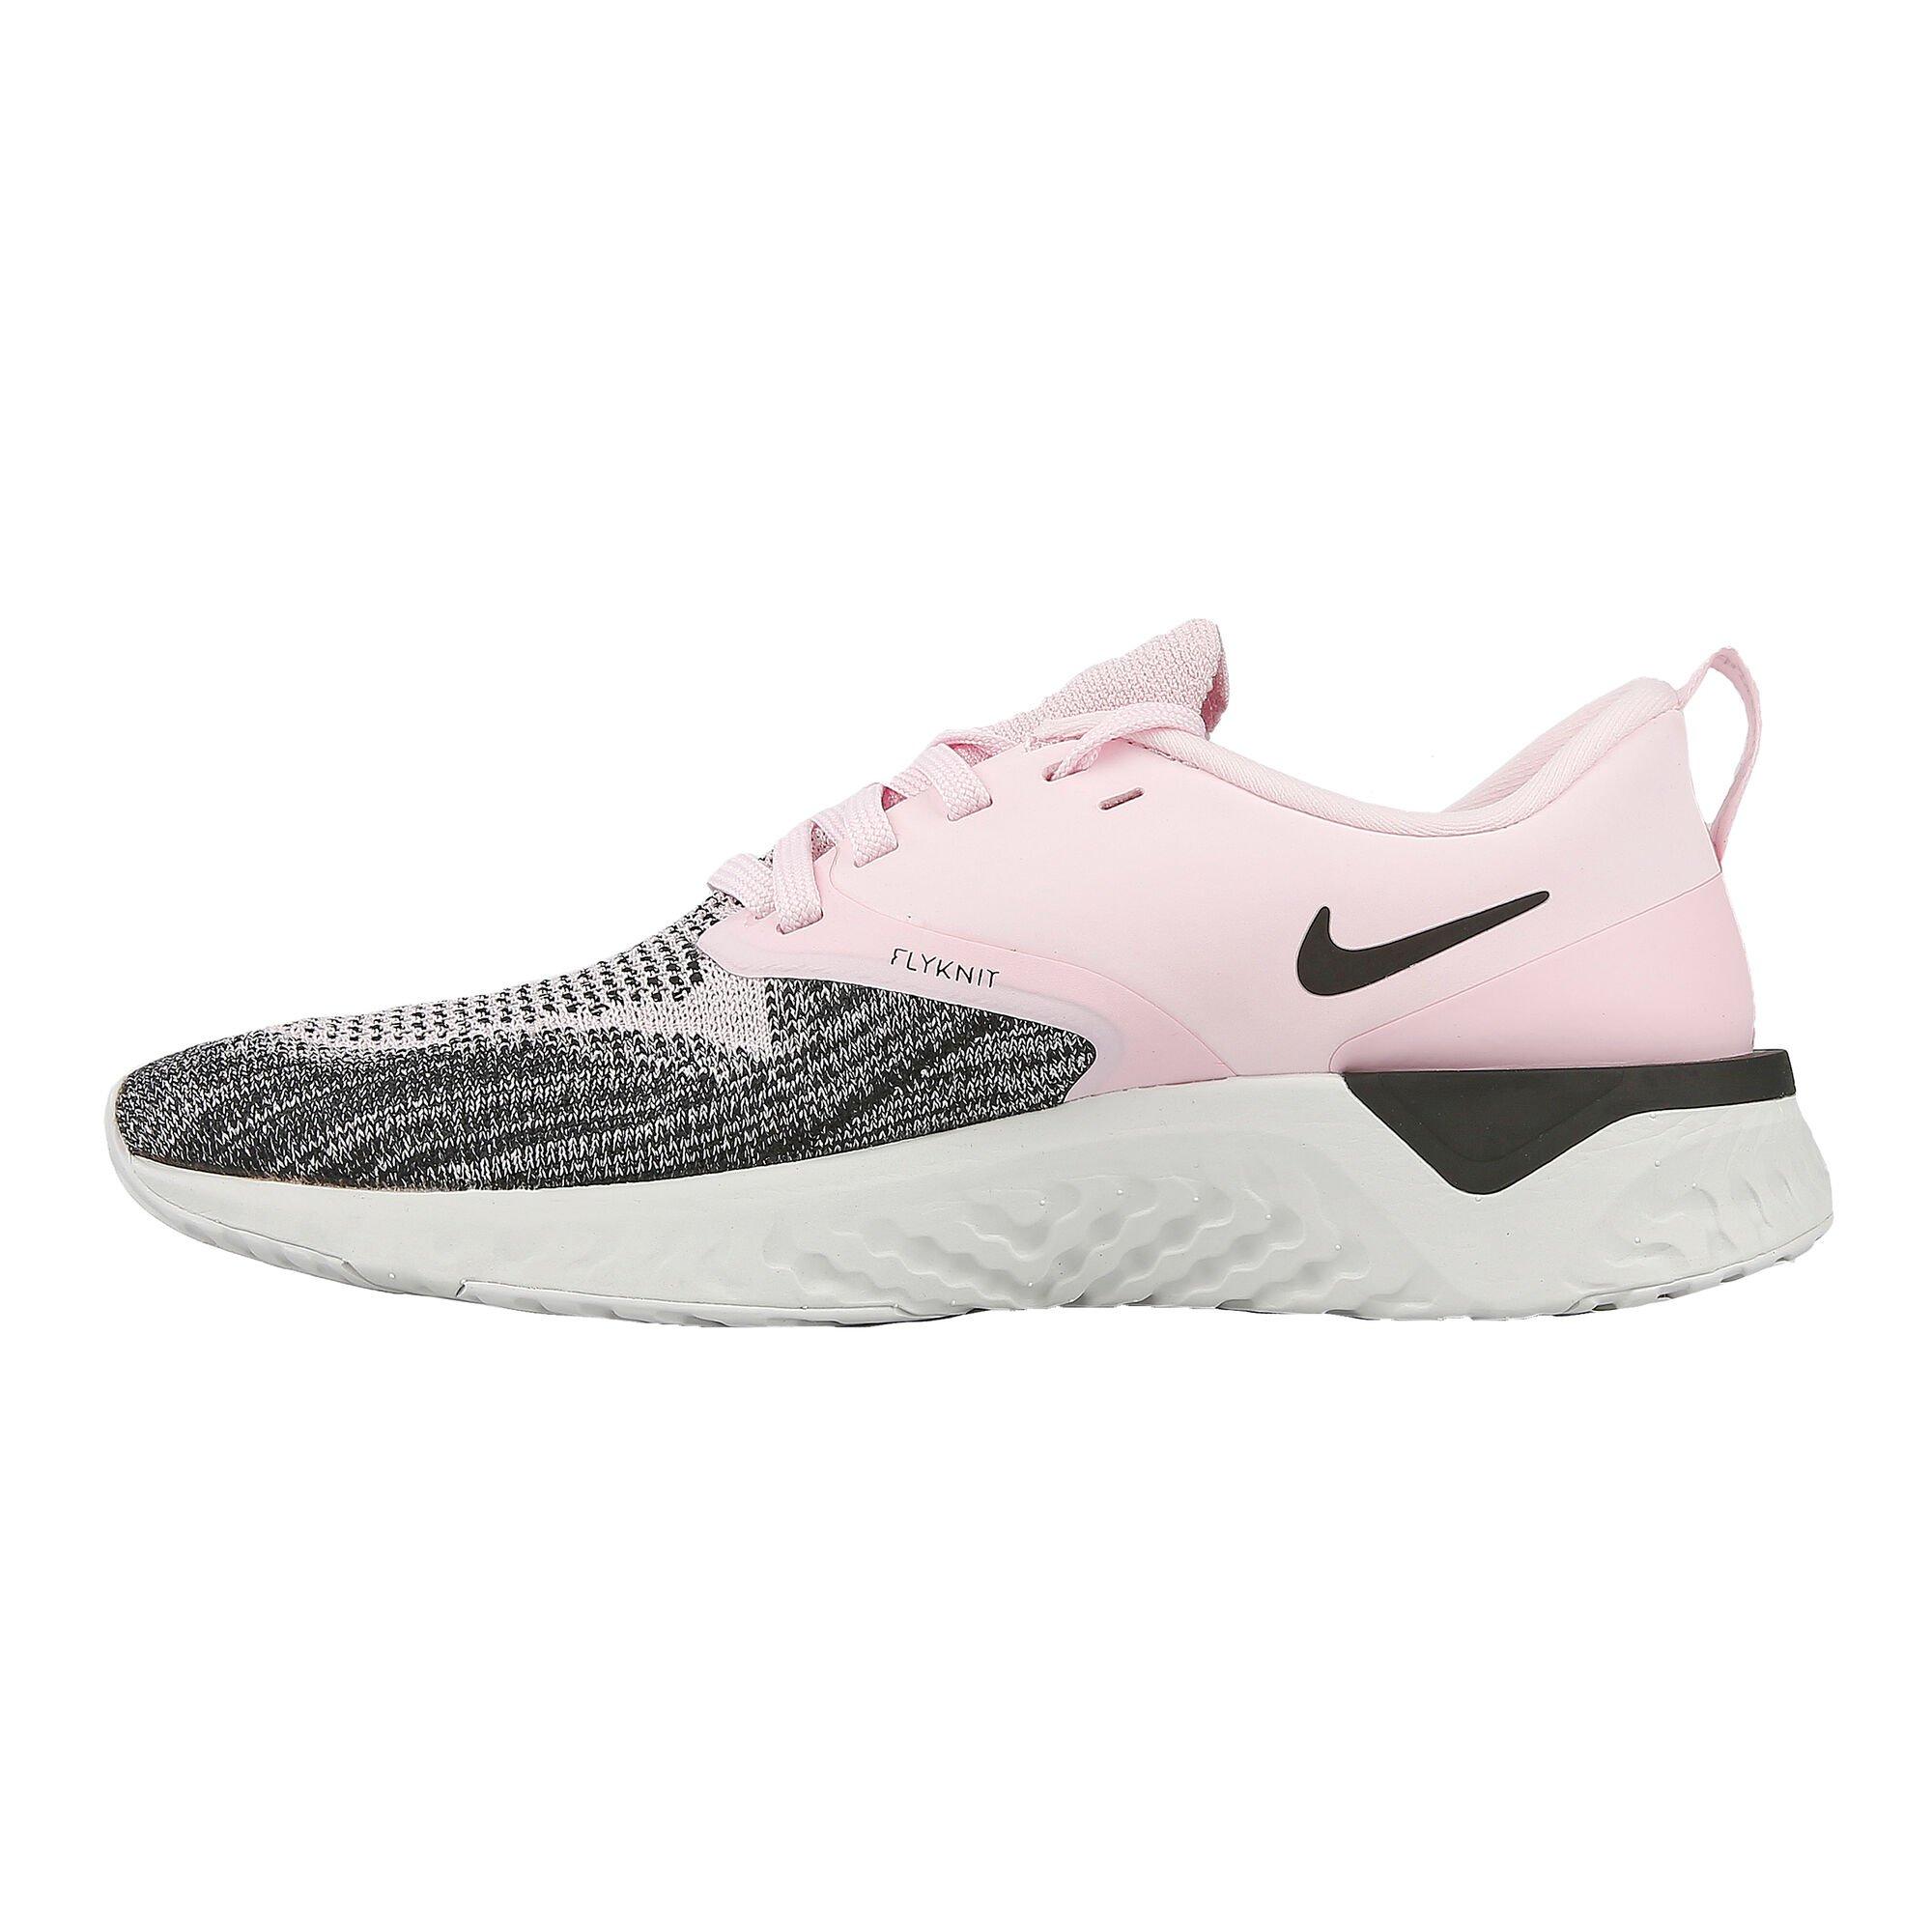 d316a2e4b4c9b0 Nike · Nike · Nike · Nike · Nike · Nike · Nike. Odyssey React Flyknit 2 ...